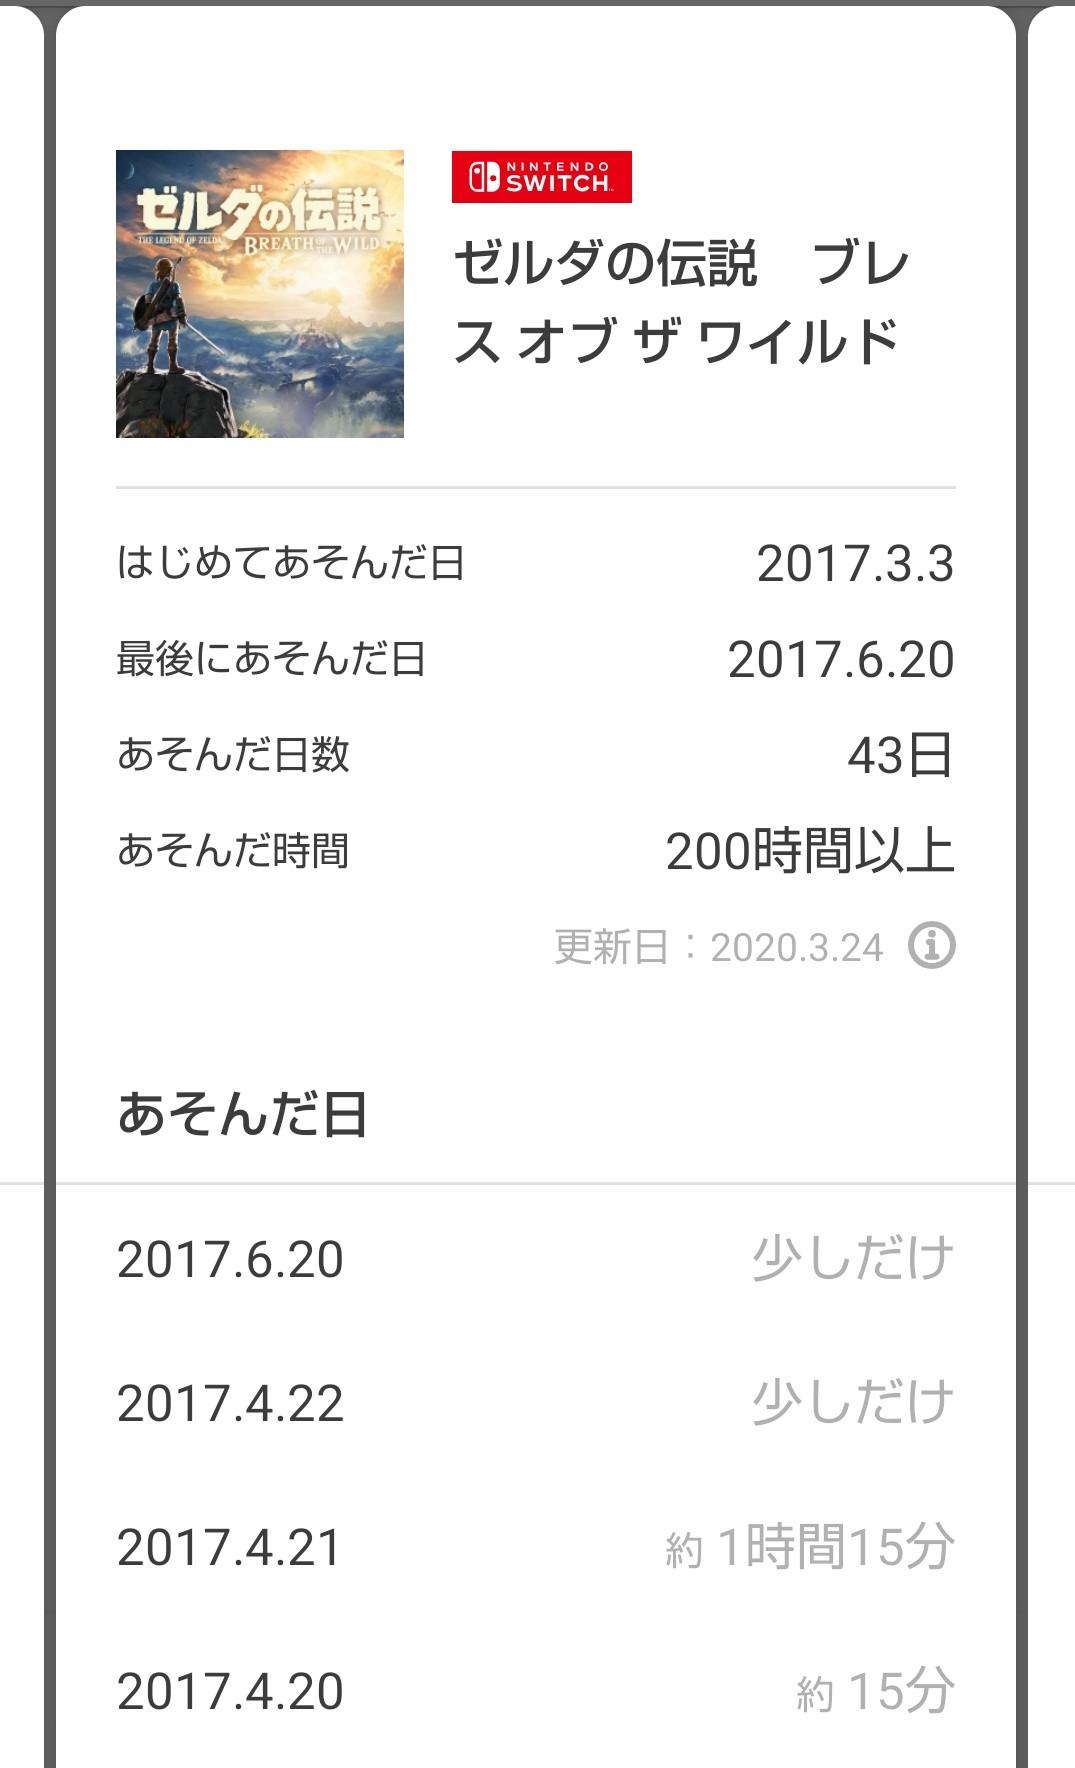 TiF7AV1 - 【朗報】My Nintendoアプリのゲリラ配信開始 超便利な模様